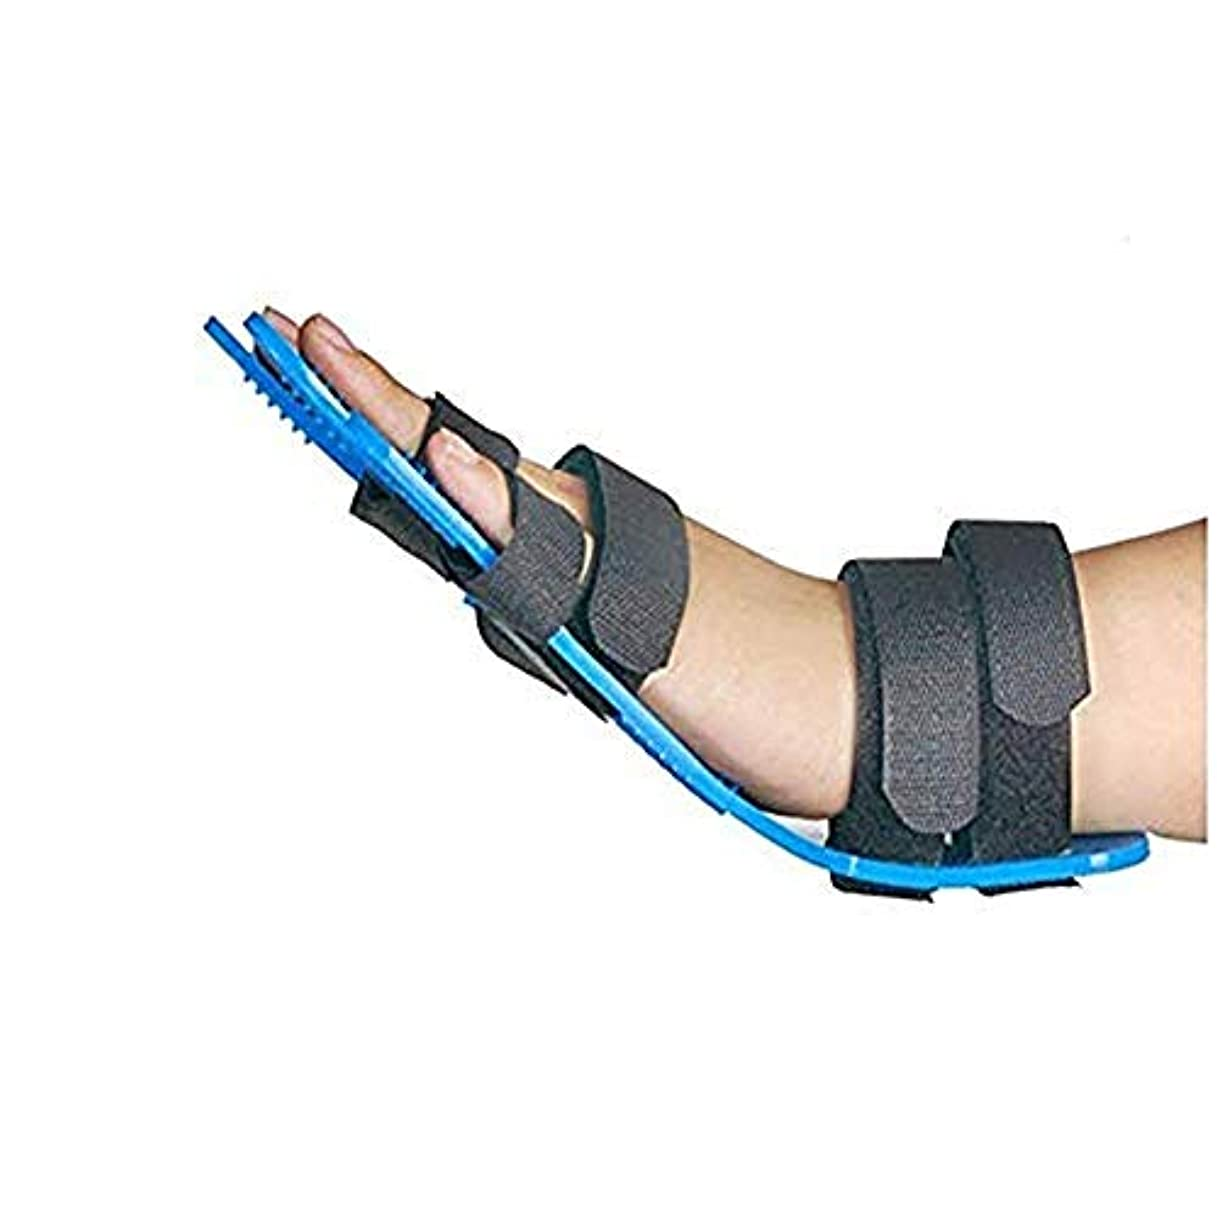 ミント高原トロピカル両指の骨折、傷、術後ケアと痛み、救済のための指セパレーター、手拘縮装具、ソフトパームクッションのために、指セパレーターインソールの手の手首のトレーニング装具攣縮拡張ボードスプリントパームプロテクター